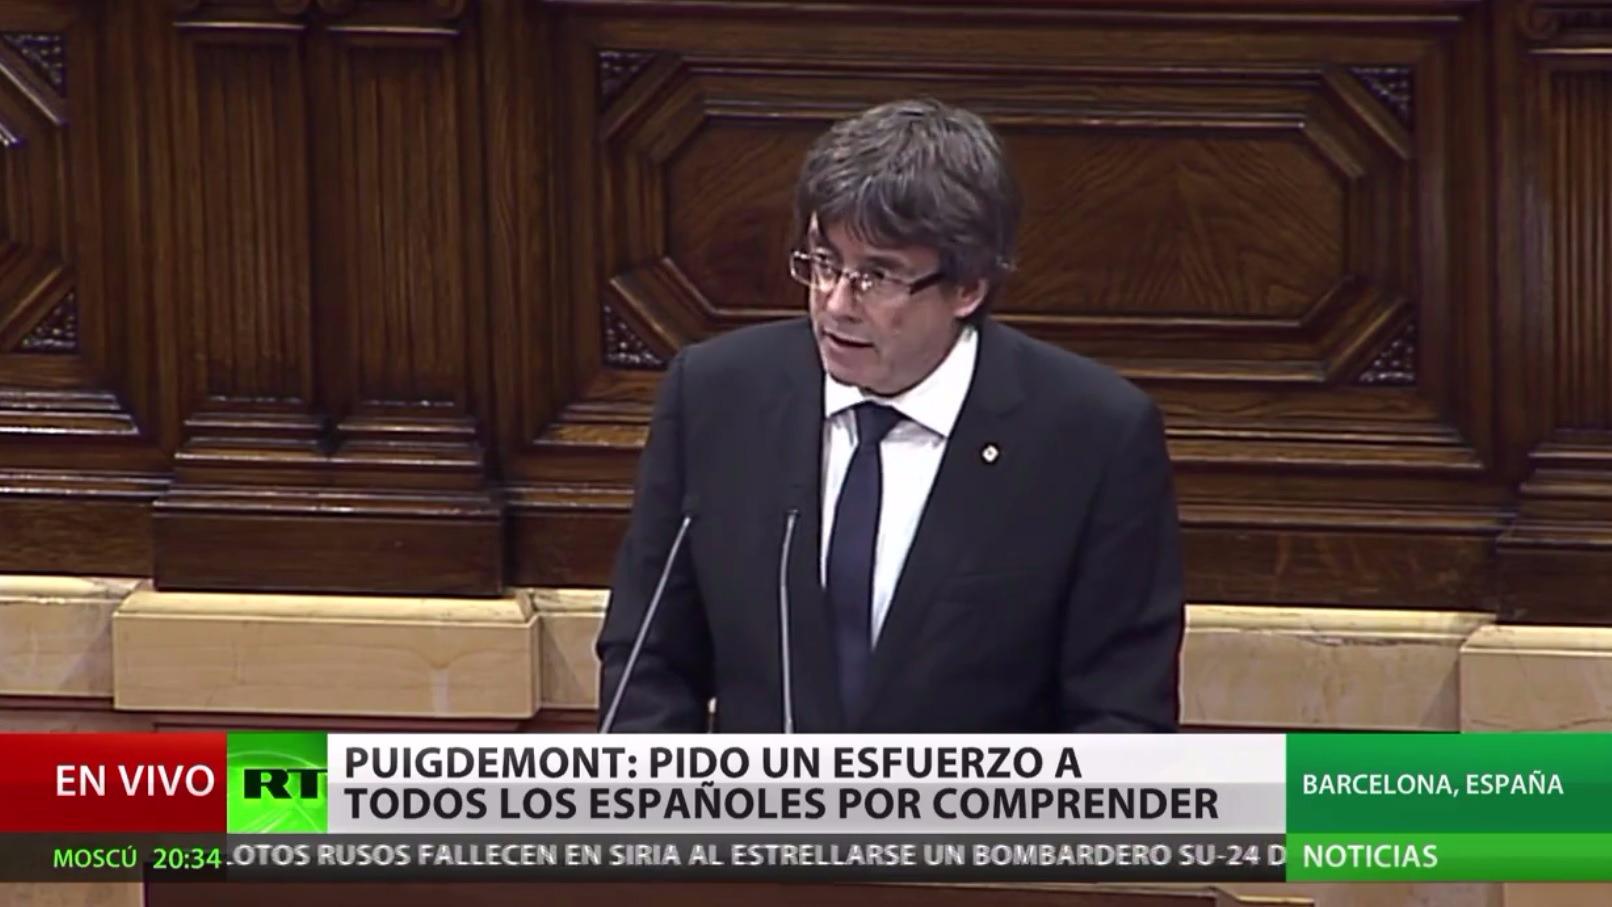 El discurso de Puigdemont en el que declaró la independencia en el Parlamento, pero la deja en suspenso